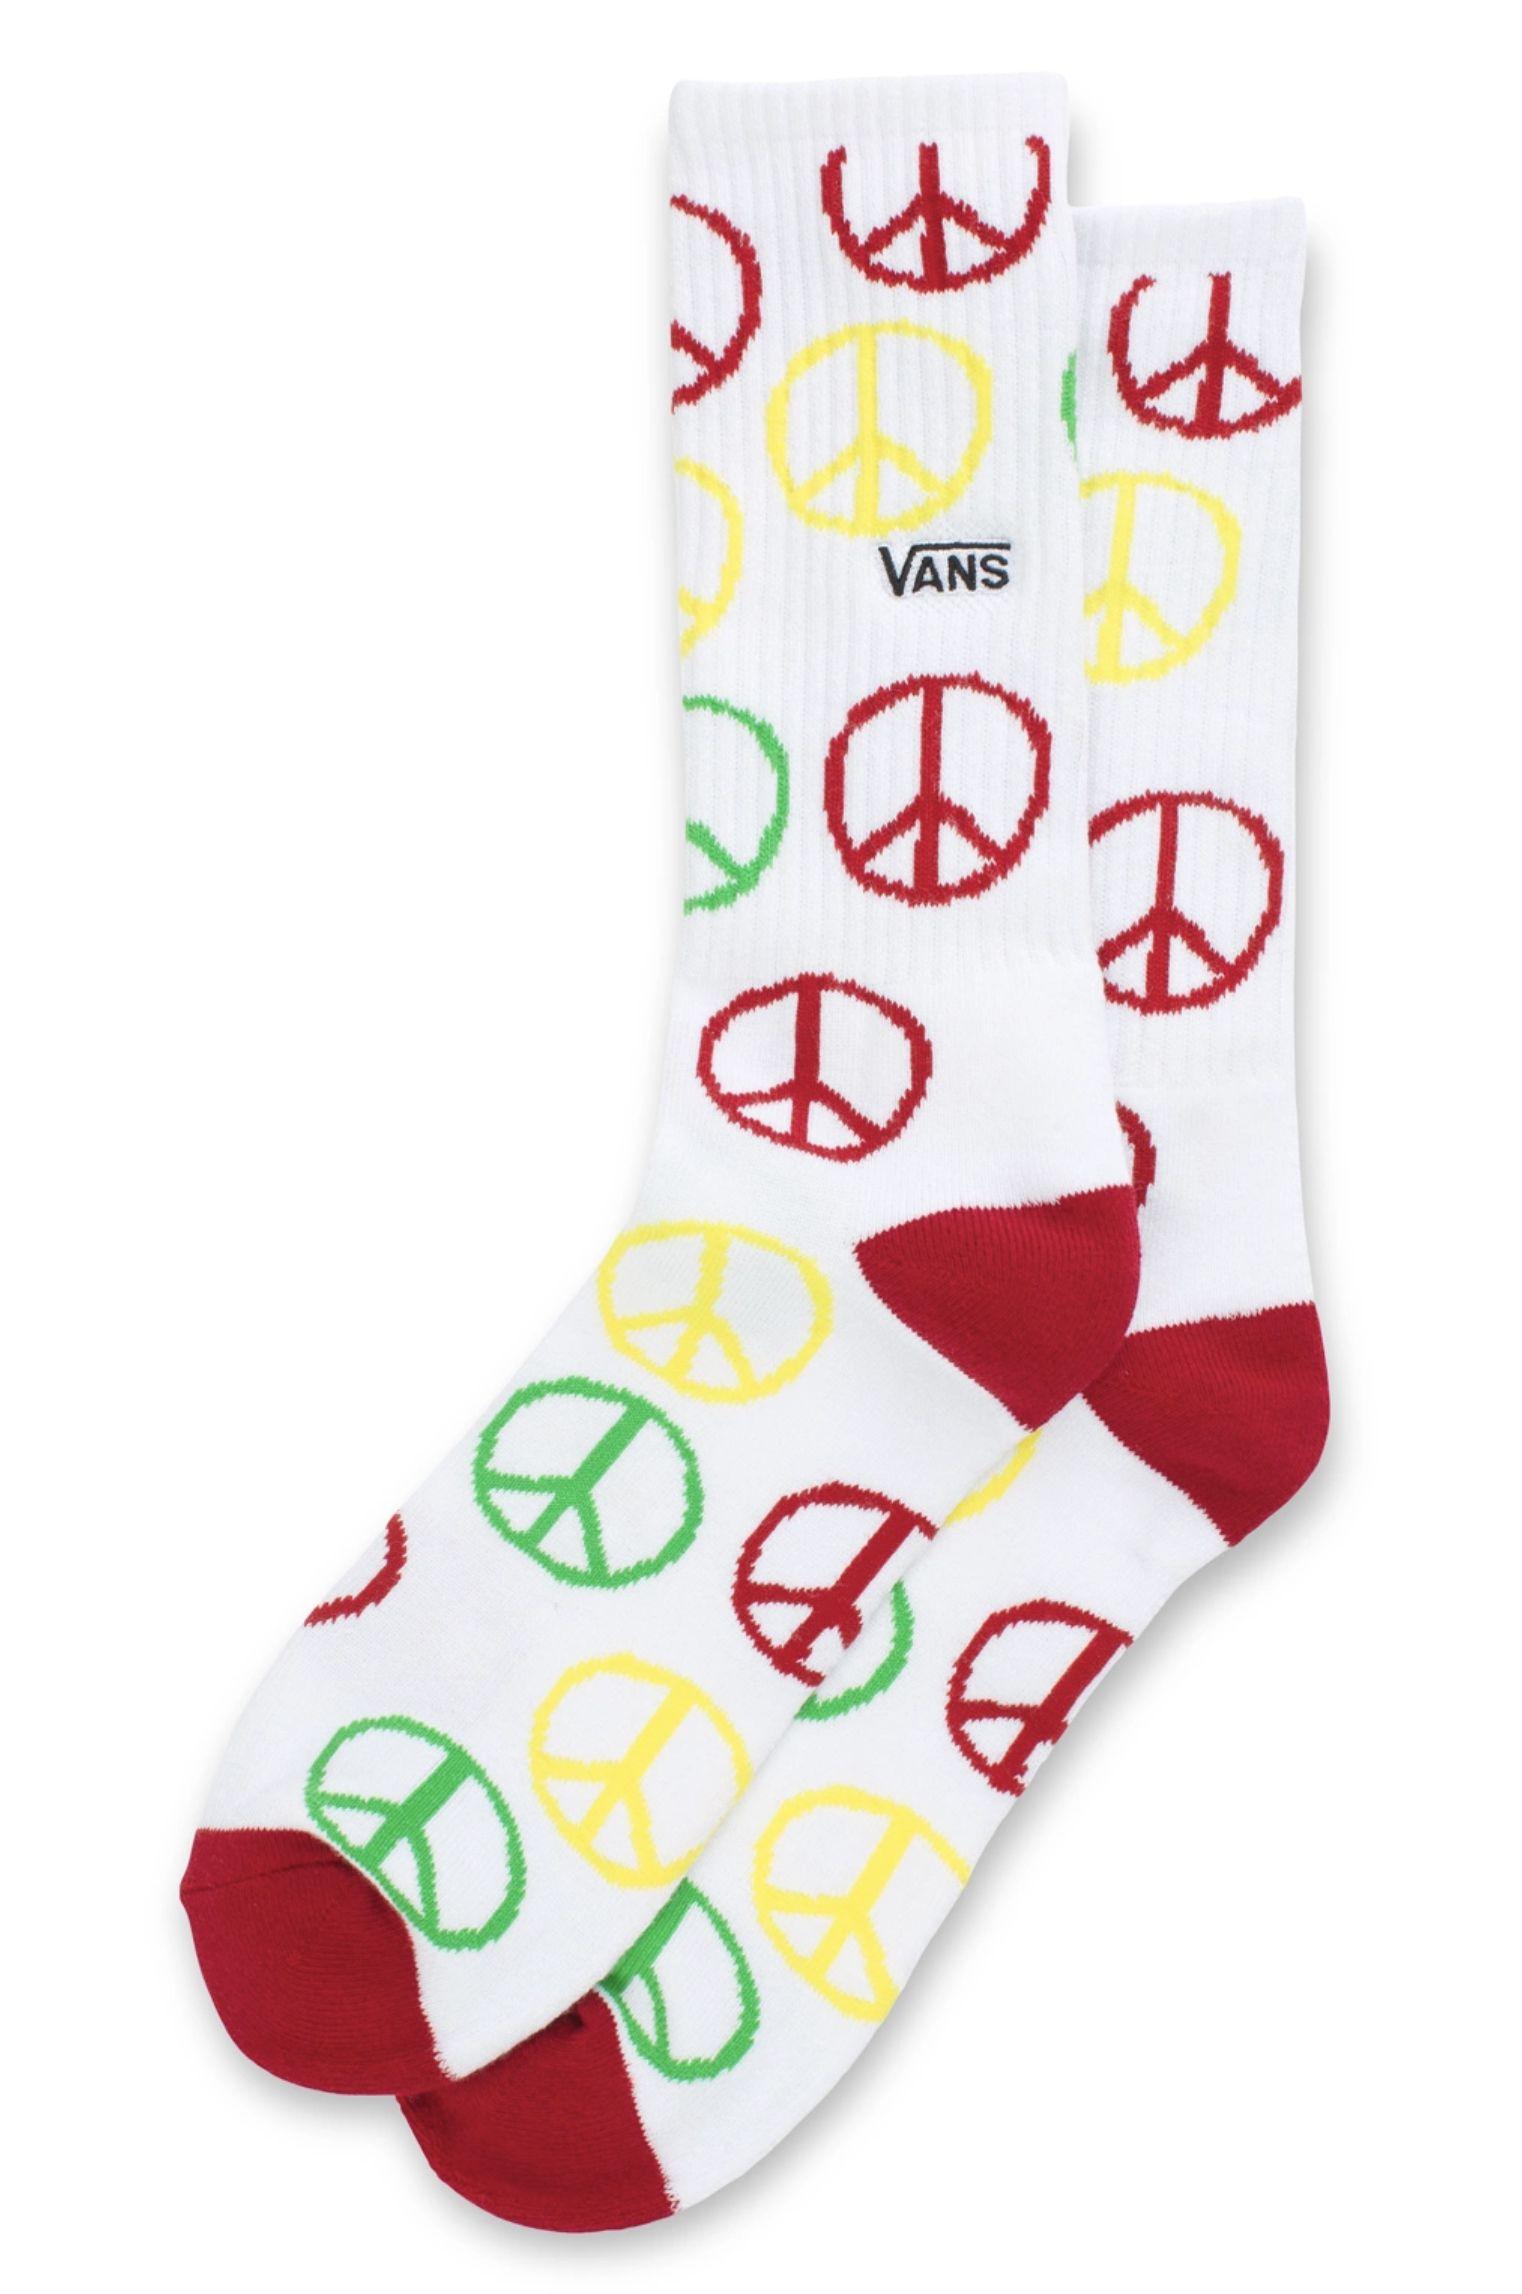 Vans Socks TYSON PETERSON SOCK (6.5-9, 1PK) White